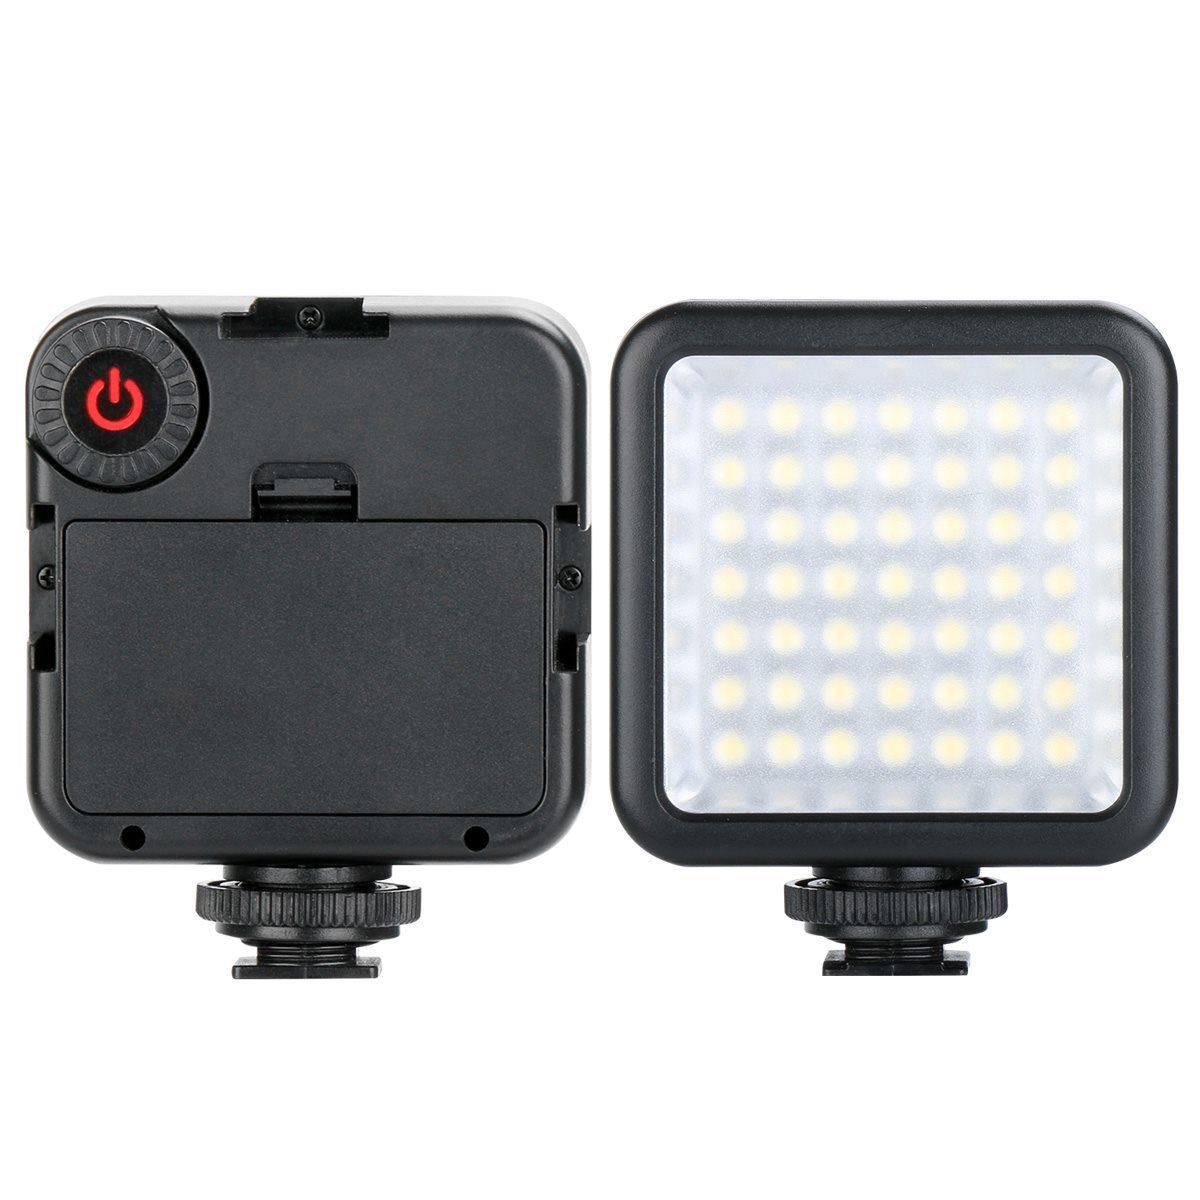 Аксессуары для стабилизаторов Свет фонарь W49 LED для стабилизаторов Zhiyun Smooth 4 и DJI Osmo Mobile 2 свет_w49_2.jpg